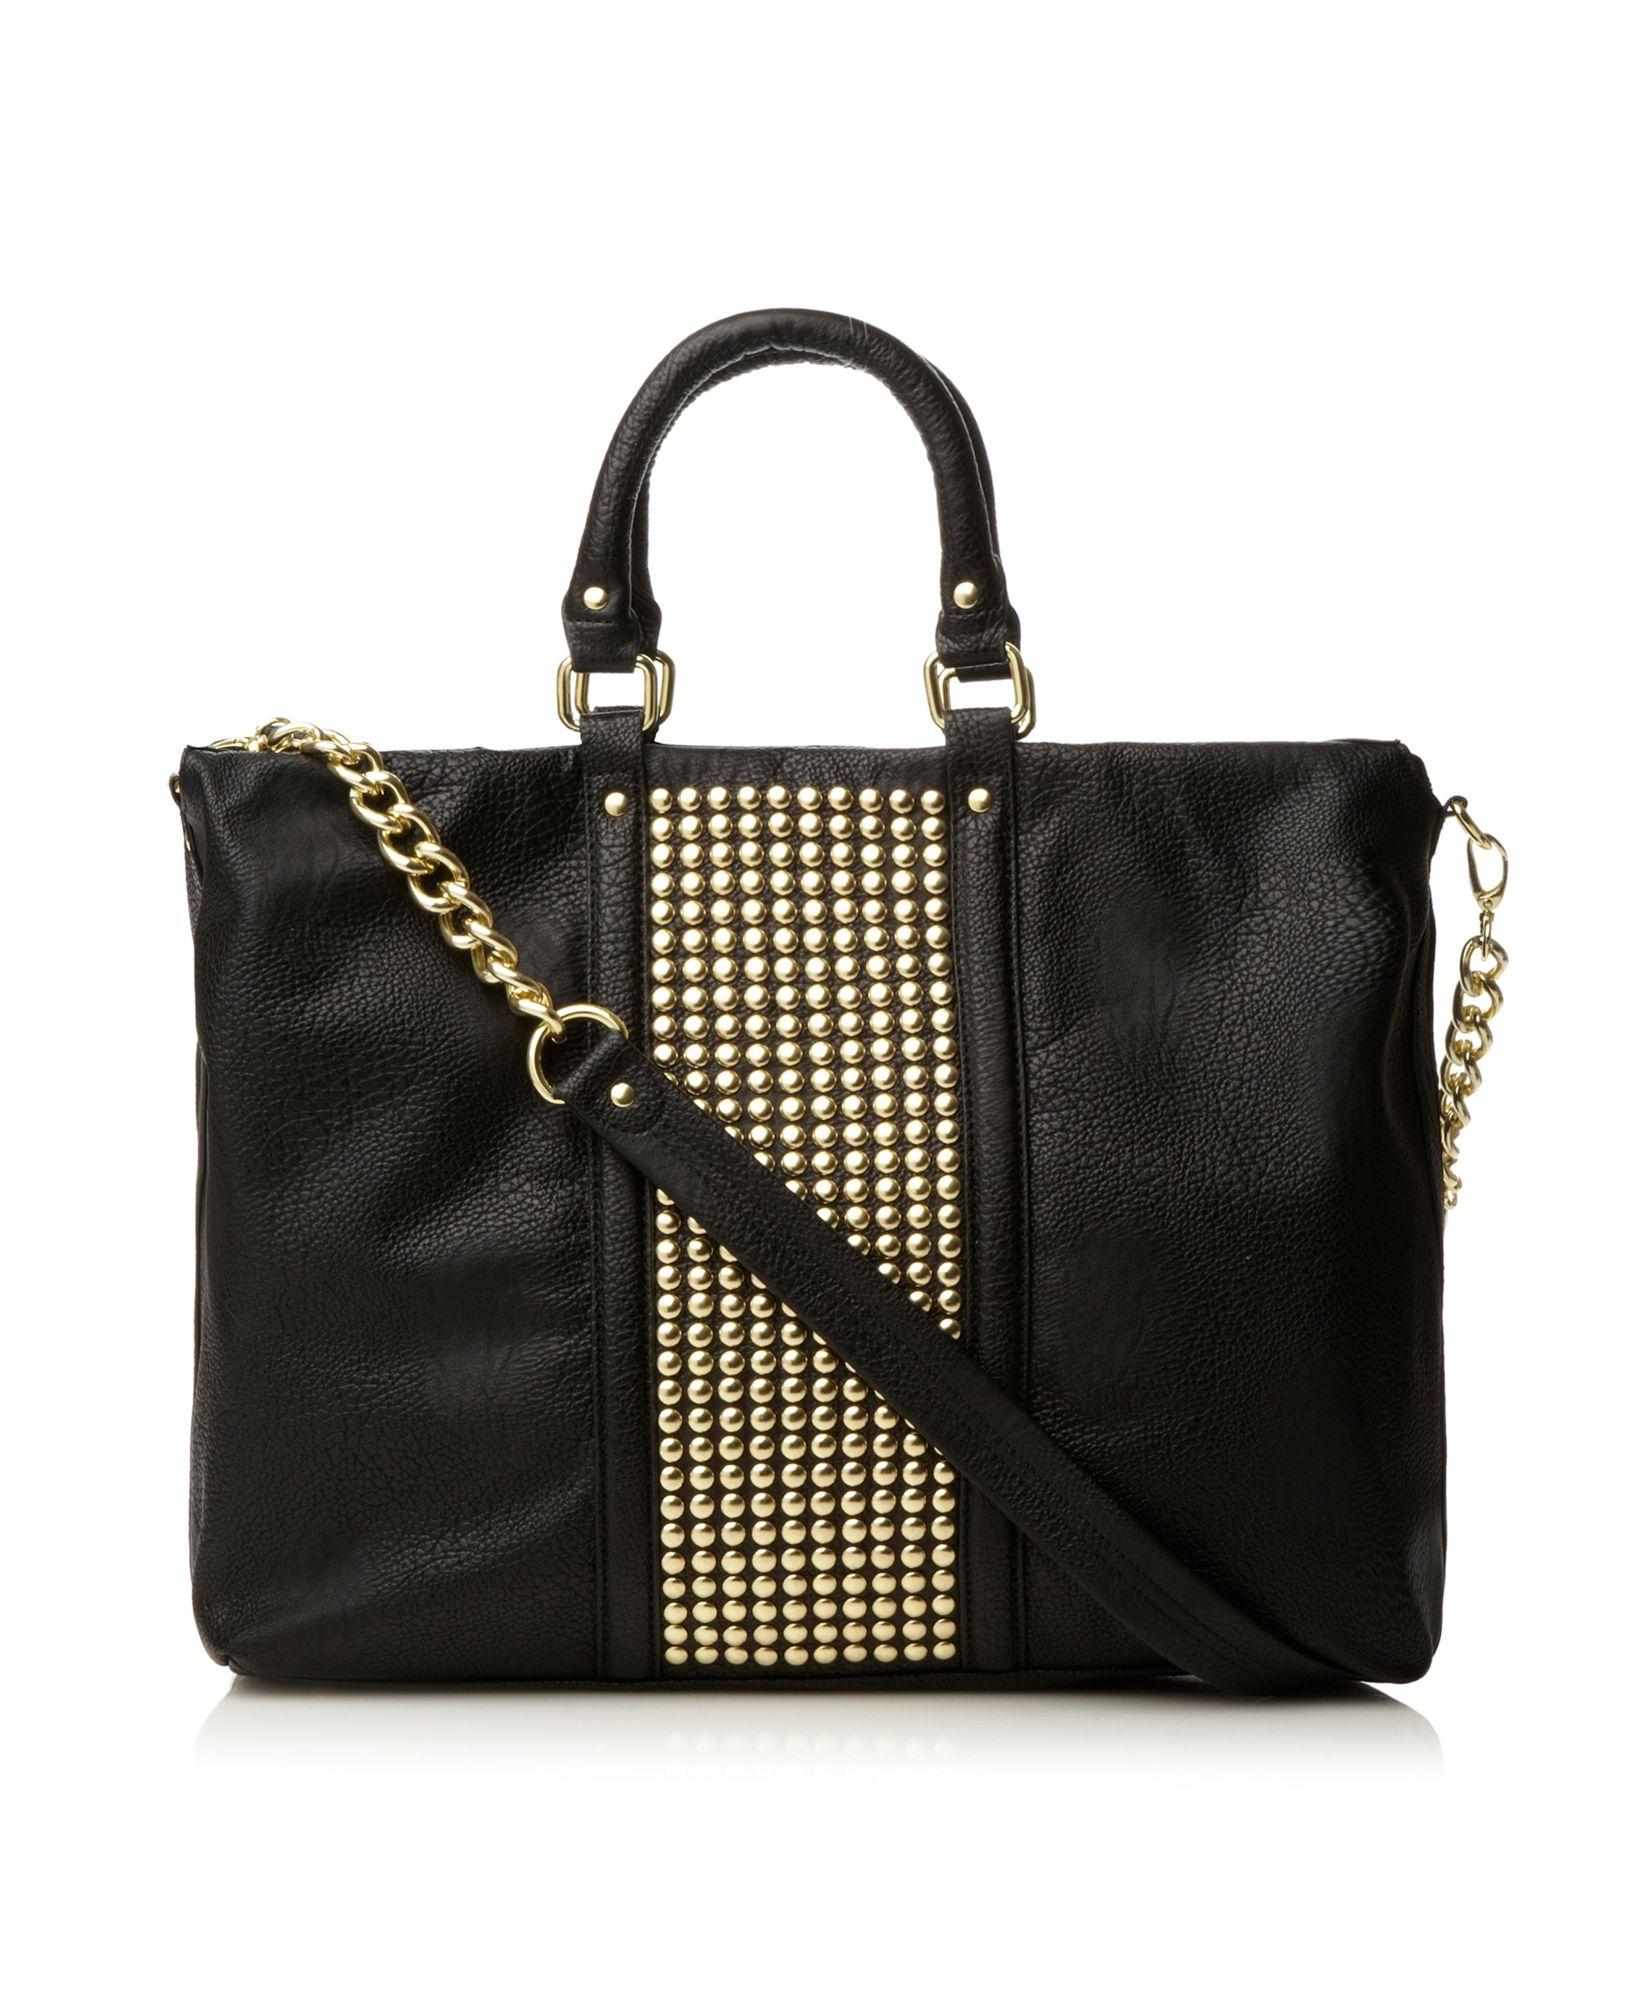 steve madden studded shopper bag in black lyst